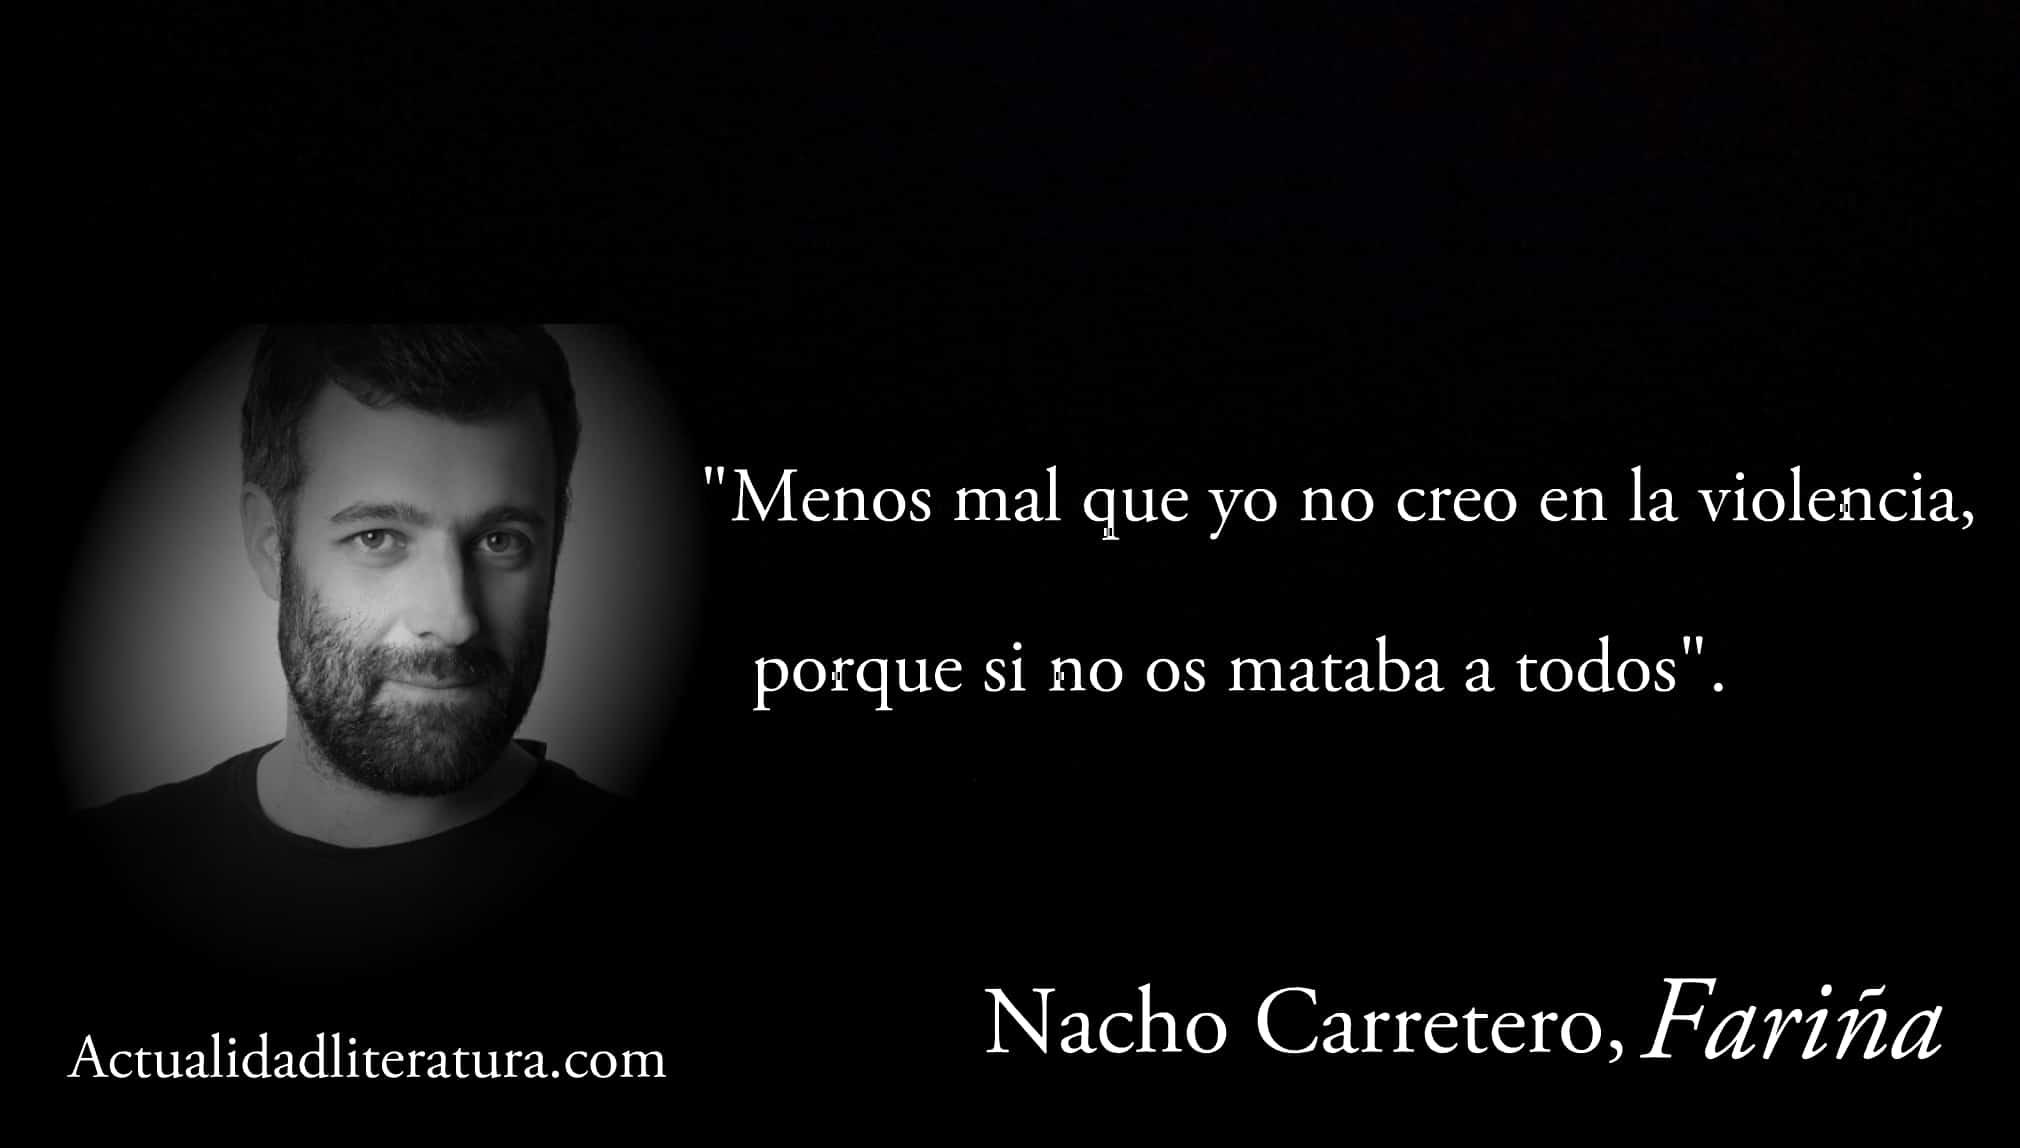 Frase de Nacho Carretero. en Fariña.